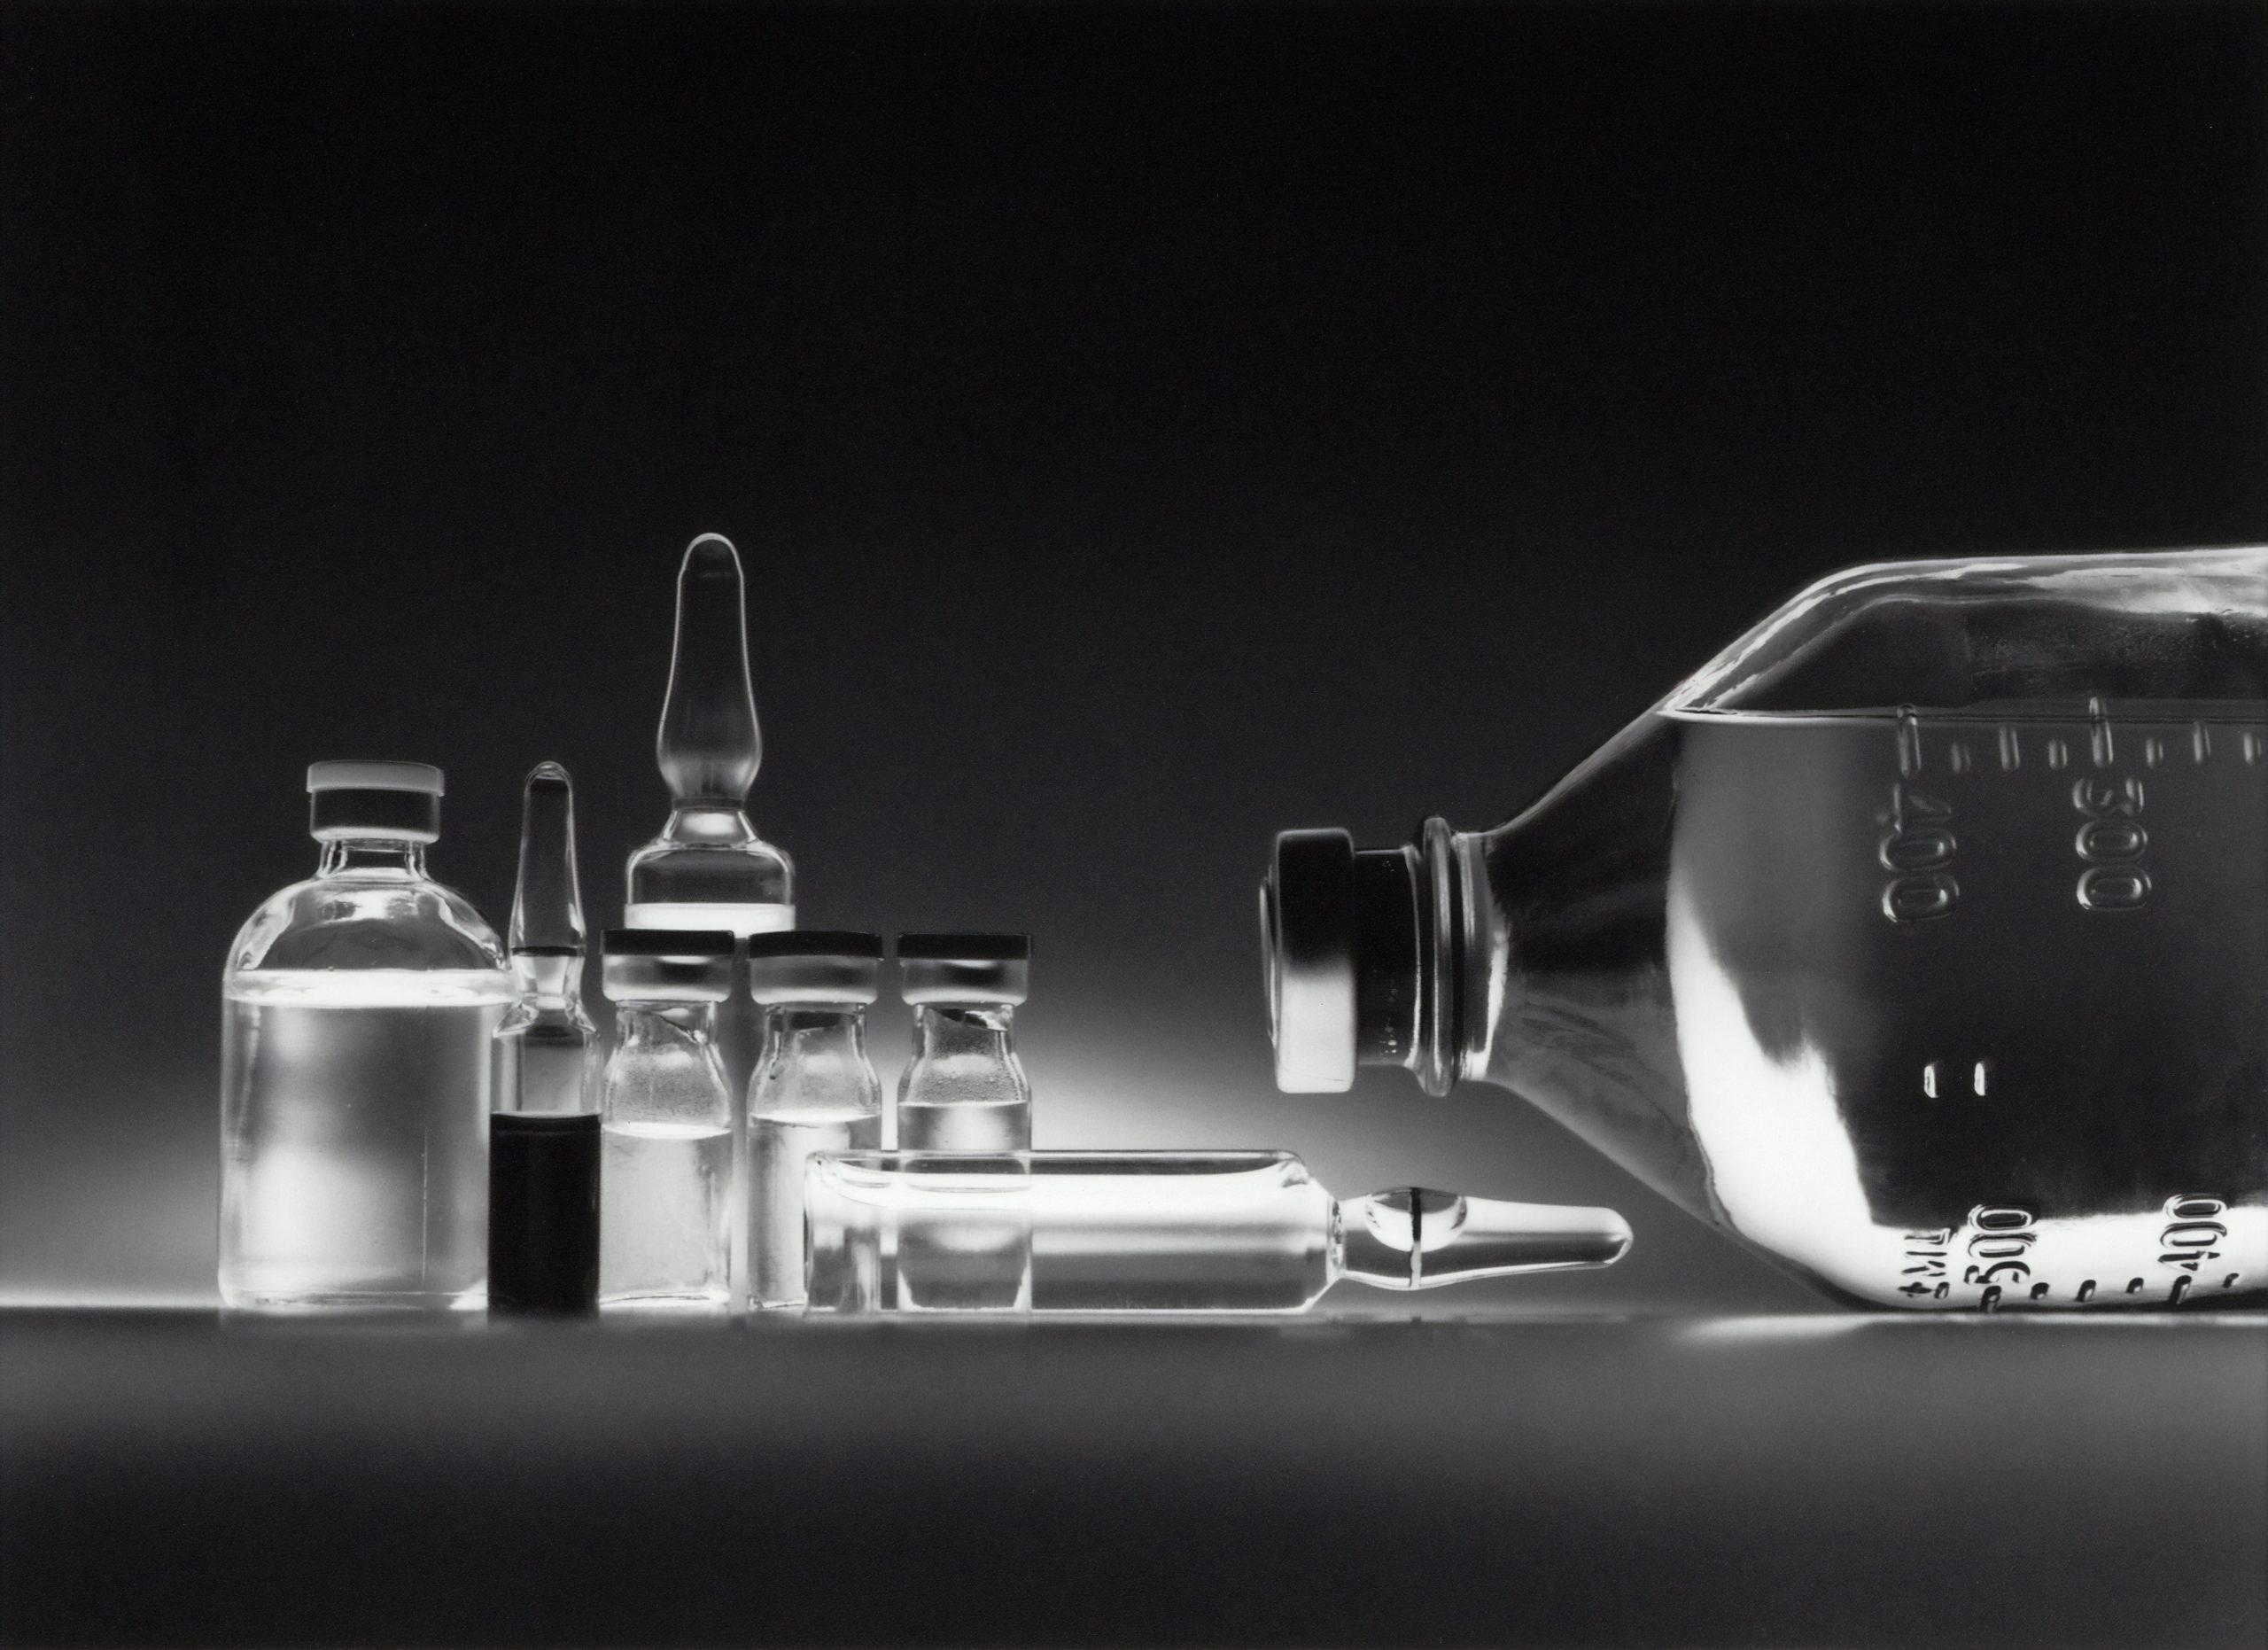 Prospect-Med - Zaoczna farmacja na Ukrainie - Medycyna - Stomatologia - Farmacja - Weterynaria